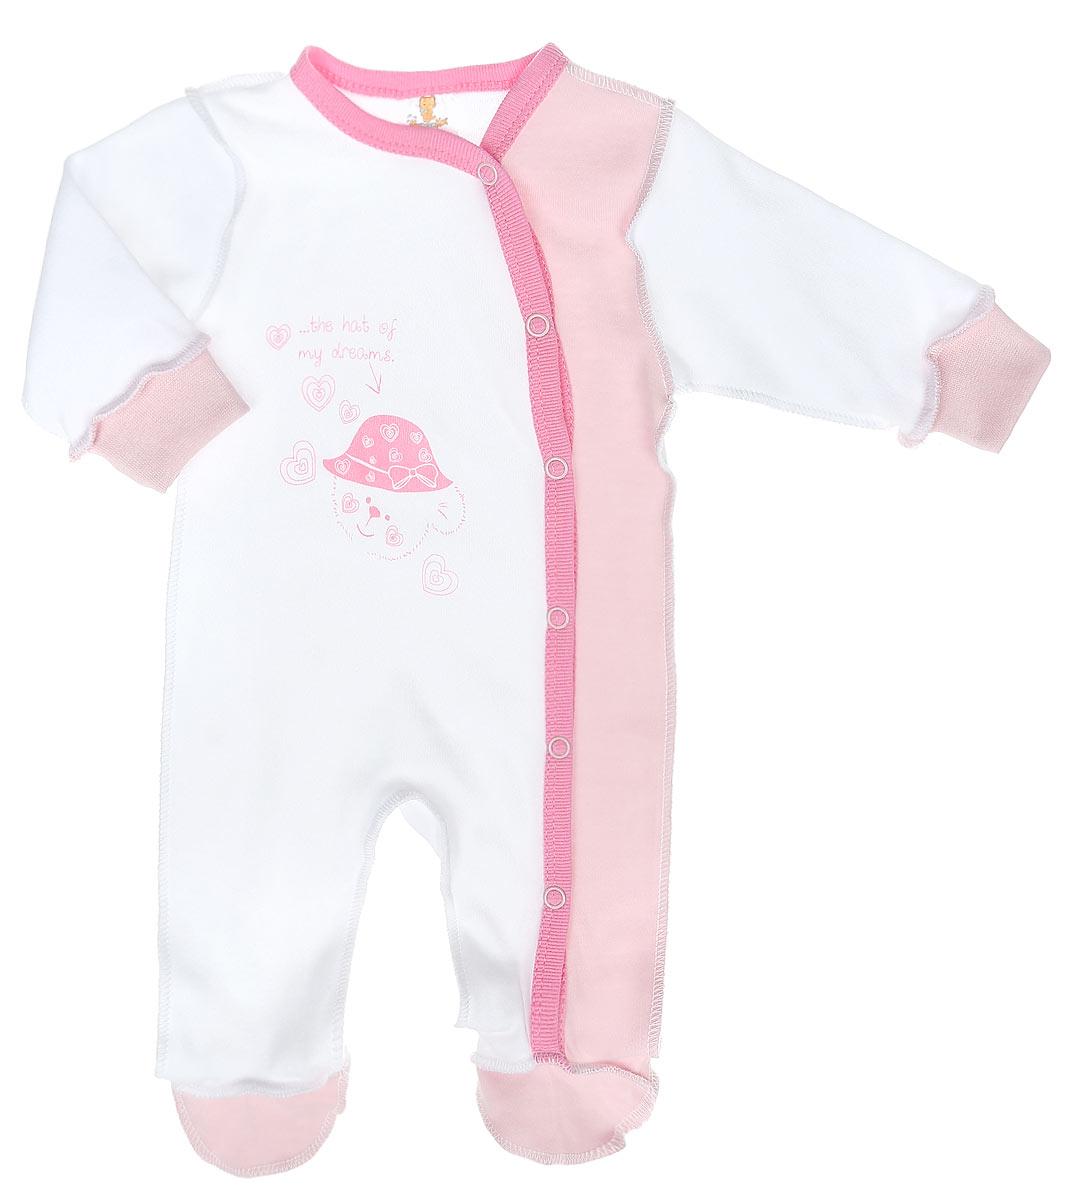 Комбинезон детский КотМарКот Мишка в шляпе, цвет: белый, розовый. 3675. Размер 68, 3-6 месяцев3675Детский комбинезон КотМарКот Мишка в шляпе идеально подойдет вашему ребенку, обеспечивая ему максимальный комфорт. Выполненный из интерлока - натурального хлопка, он очень мягкий на ощупь, не раздражает даже самую нежную и чувствительную кожу ребенка.Комбинезон с длинными рукавами, круглым вырезом горловины и закрытыми ножками имеет застежки-кнопки от горловины до щиколотки, которые помогают легко переодеть младенца или сменить подгузник. Низ рукавов дополнен мягкими широкими манжетами, не пережимающими ручки ребенка. Спереди модель оформлена принтом с изображением медвежонка.В таком комбинезоне спинка и ножки младенца всегда будут в тепле, и кроха будет чувствовать себя комфортно и уютно.